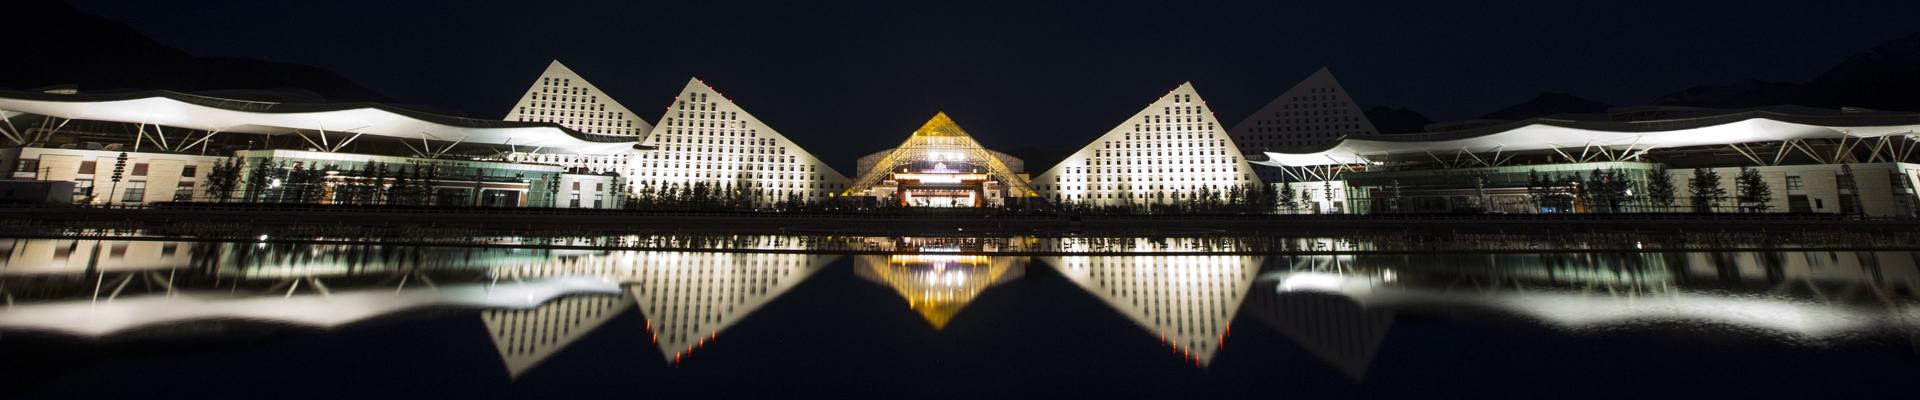 Tibet Hotels